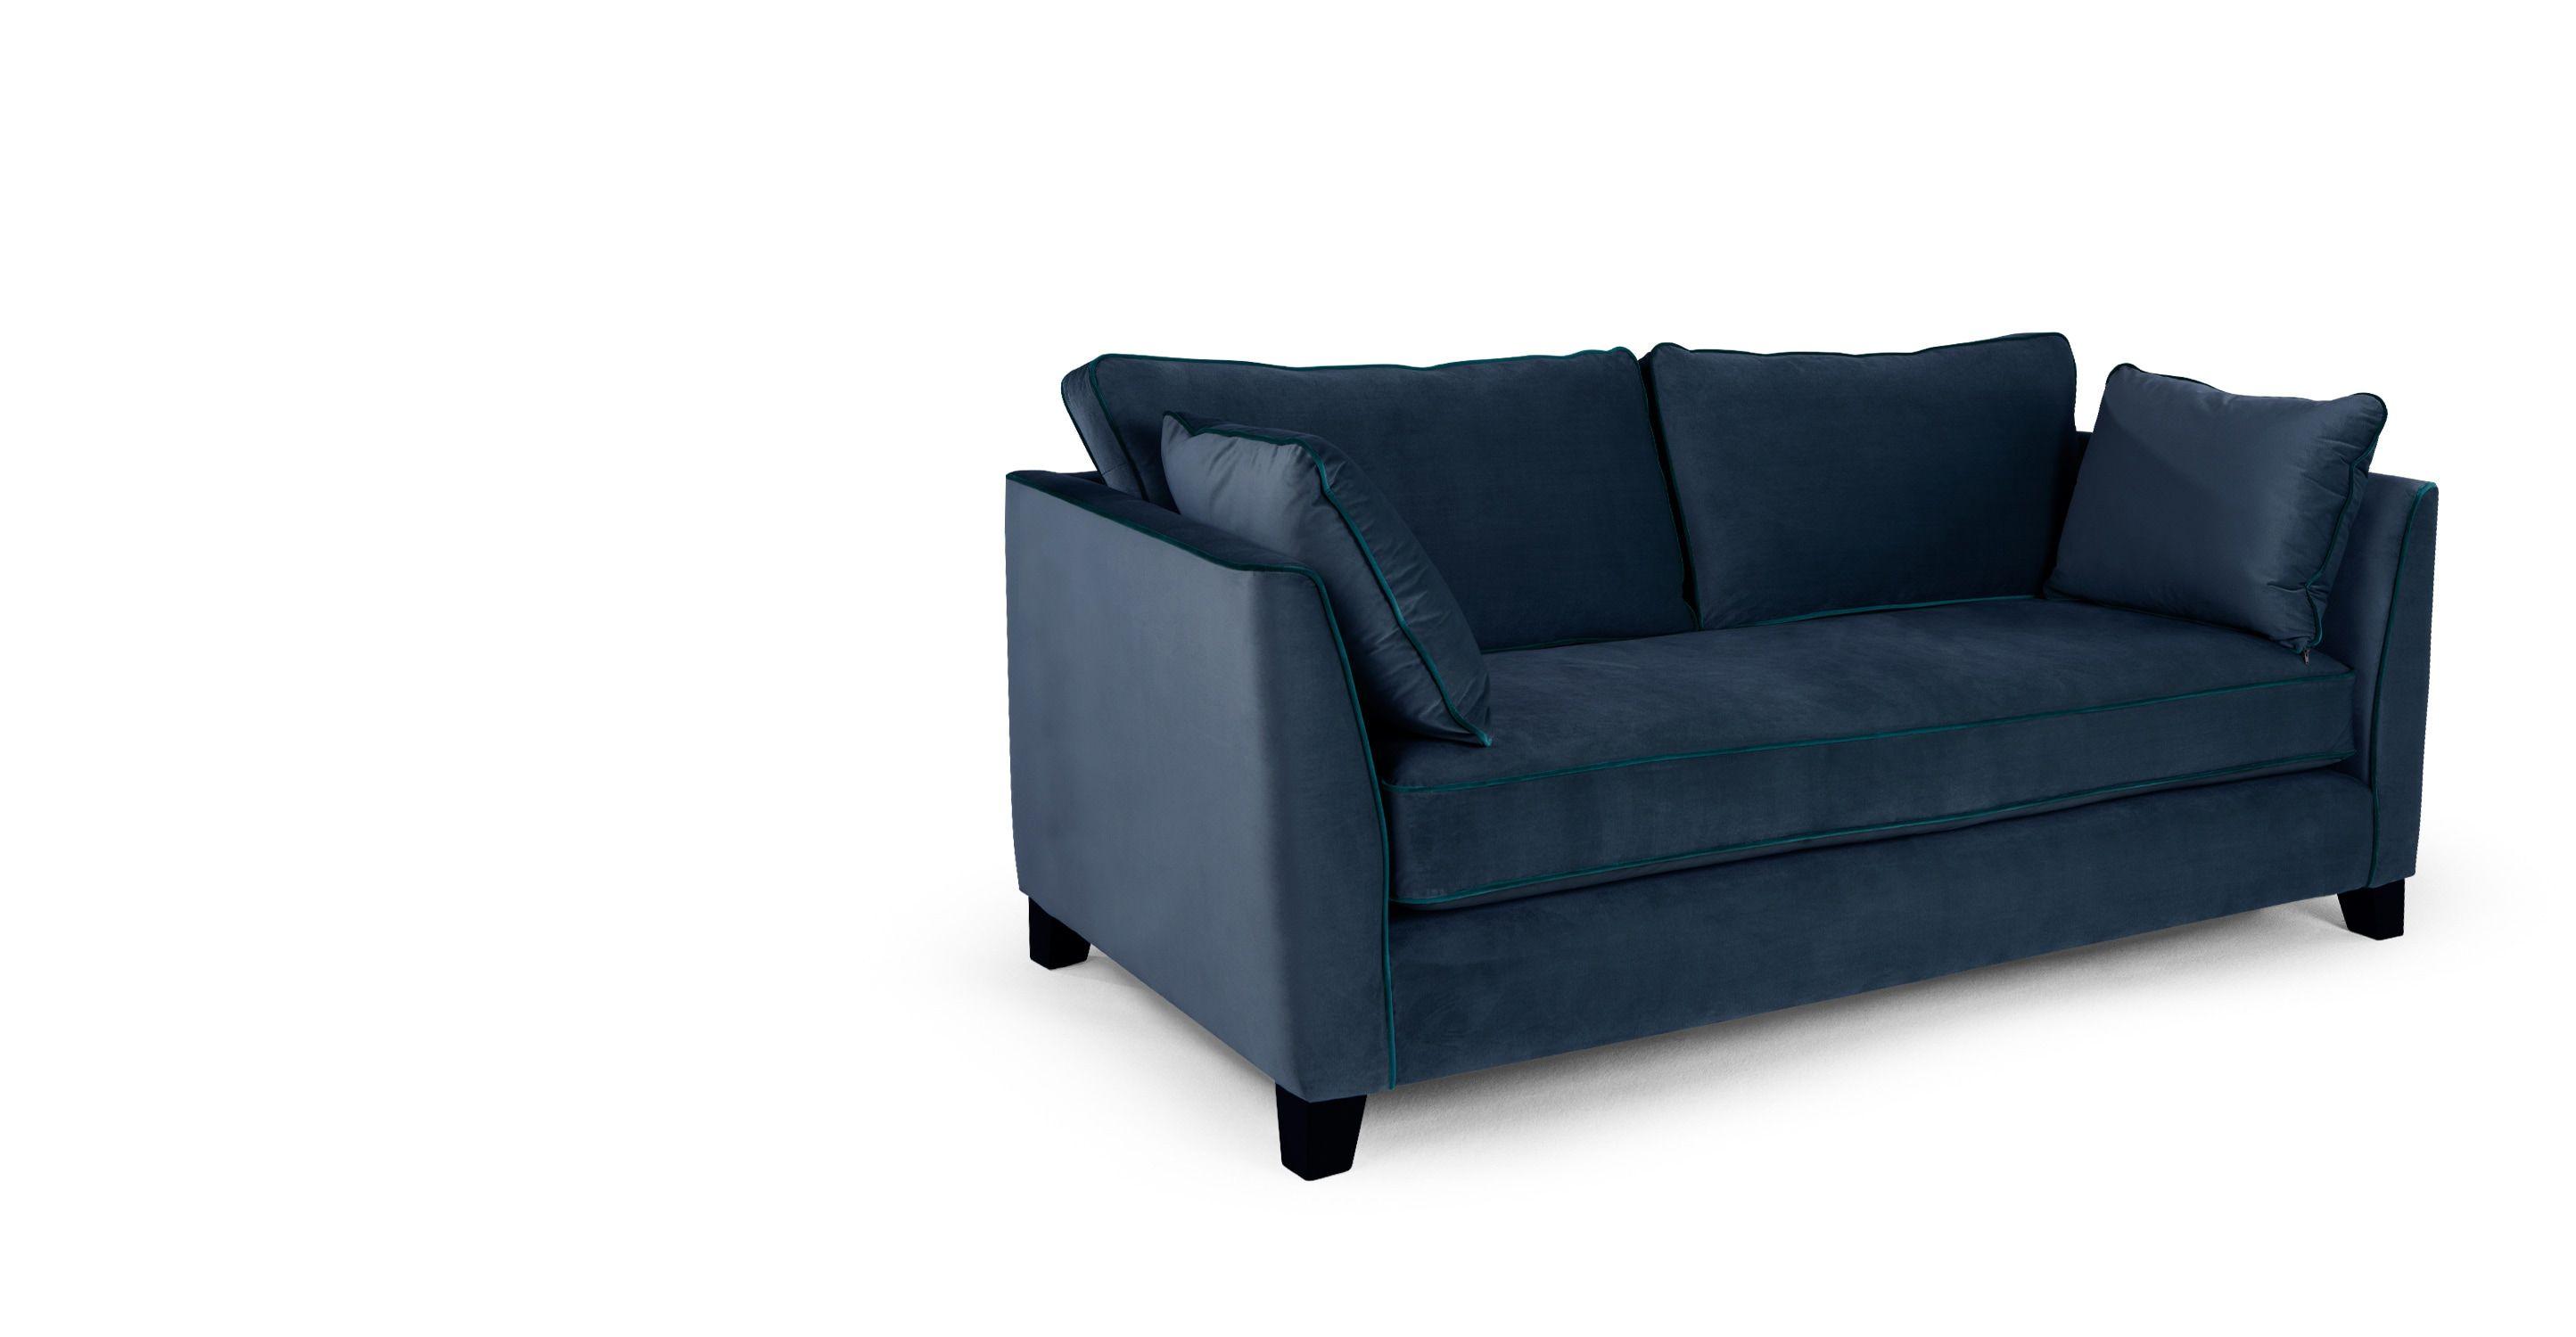 Wolseley un canapé 3 places velours bleu marine